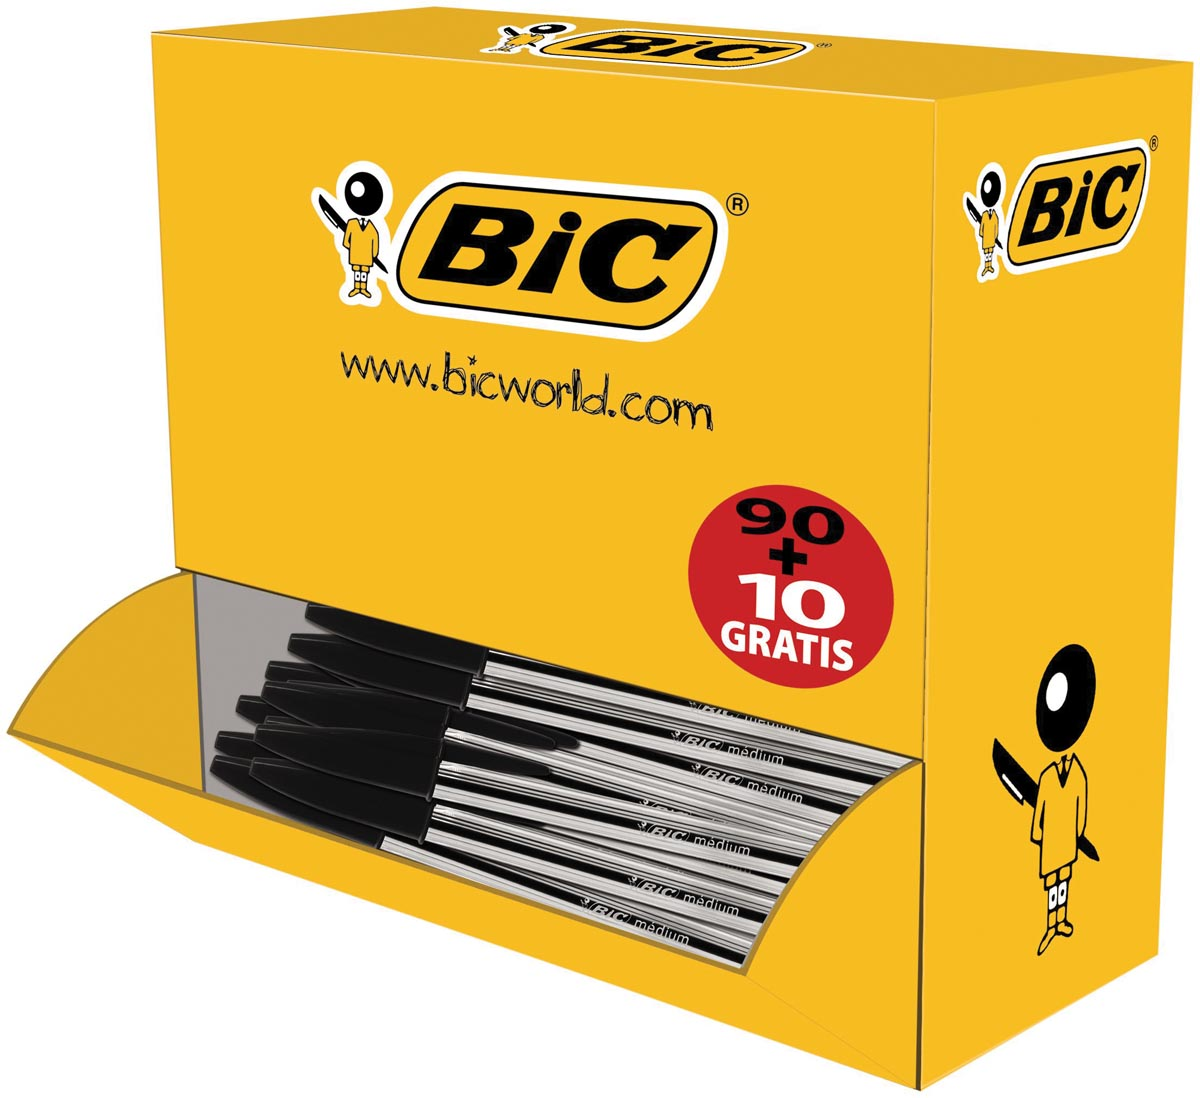 Bic balpen Cristal Medium voordeelpak 90 + 10 gratis, zwart